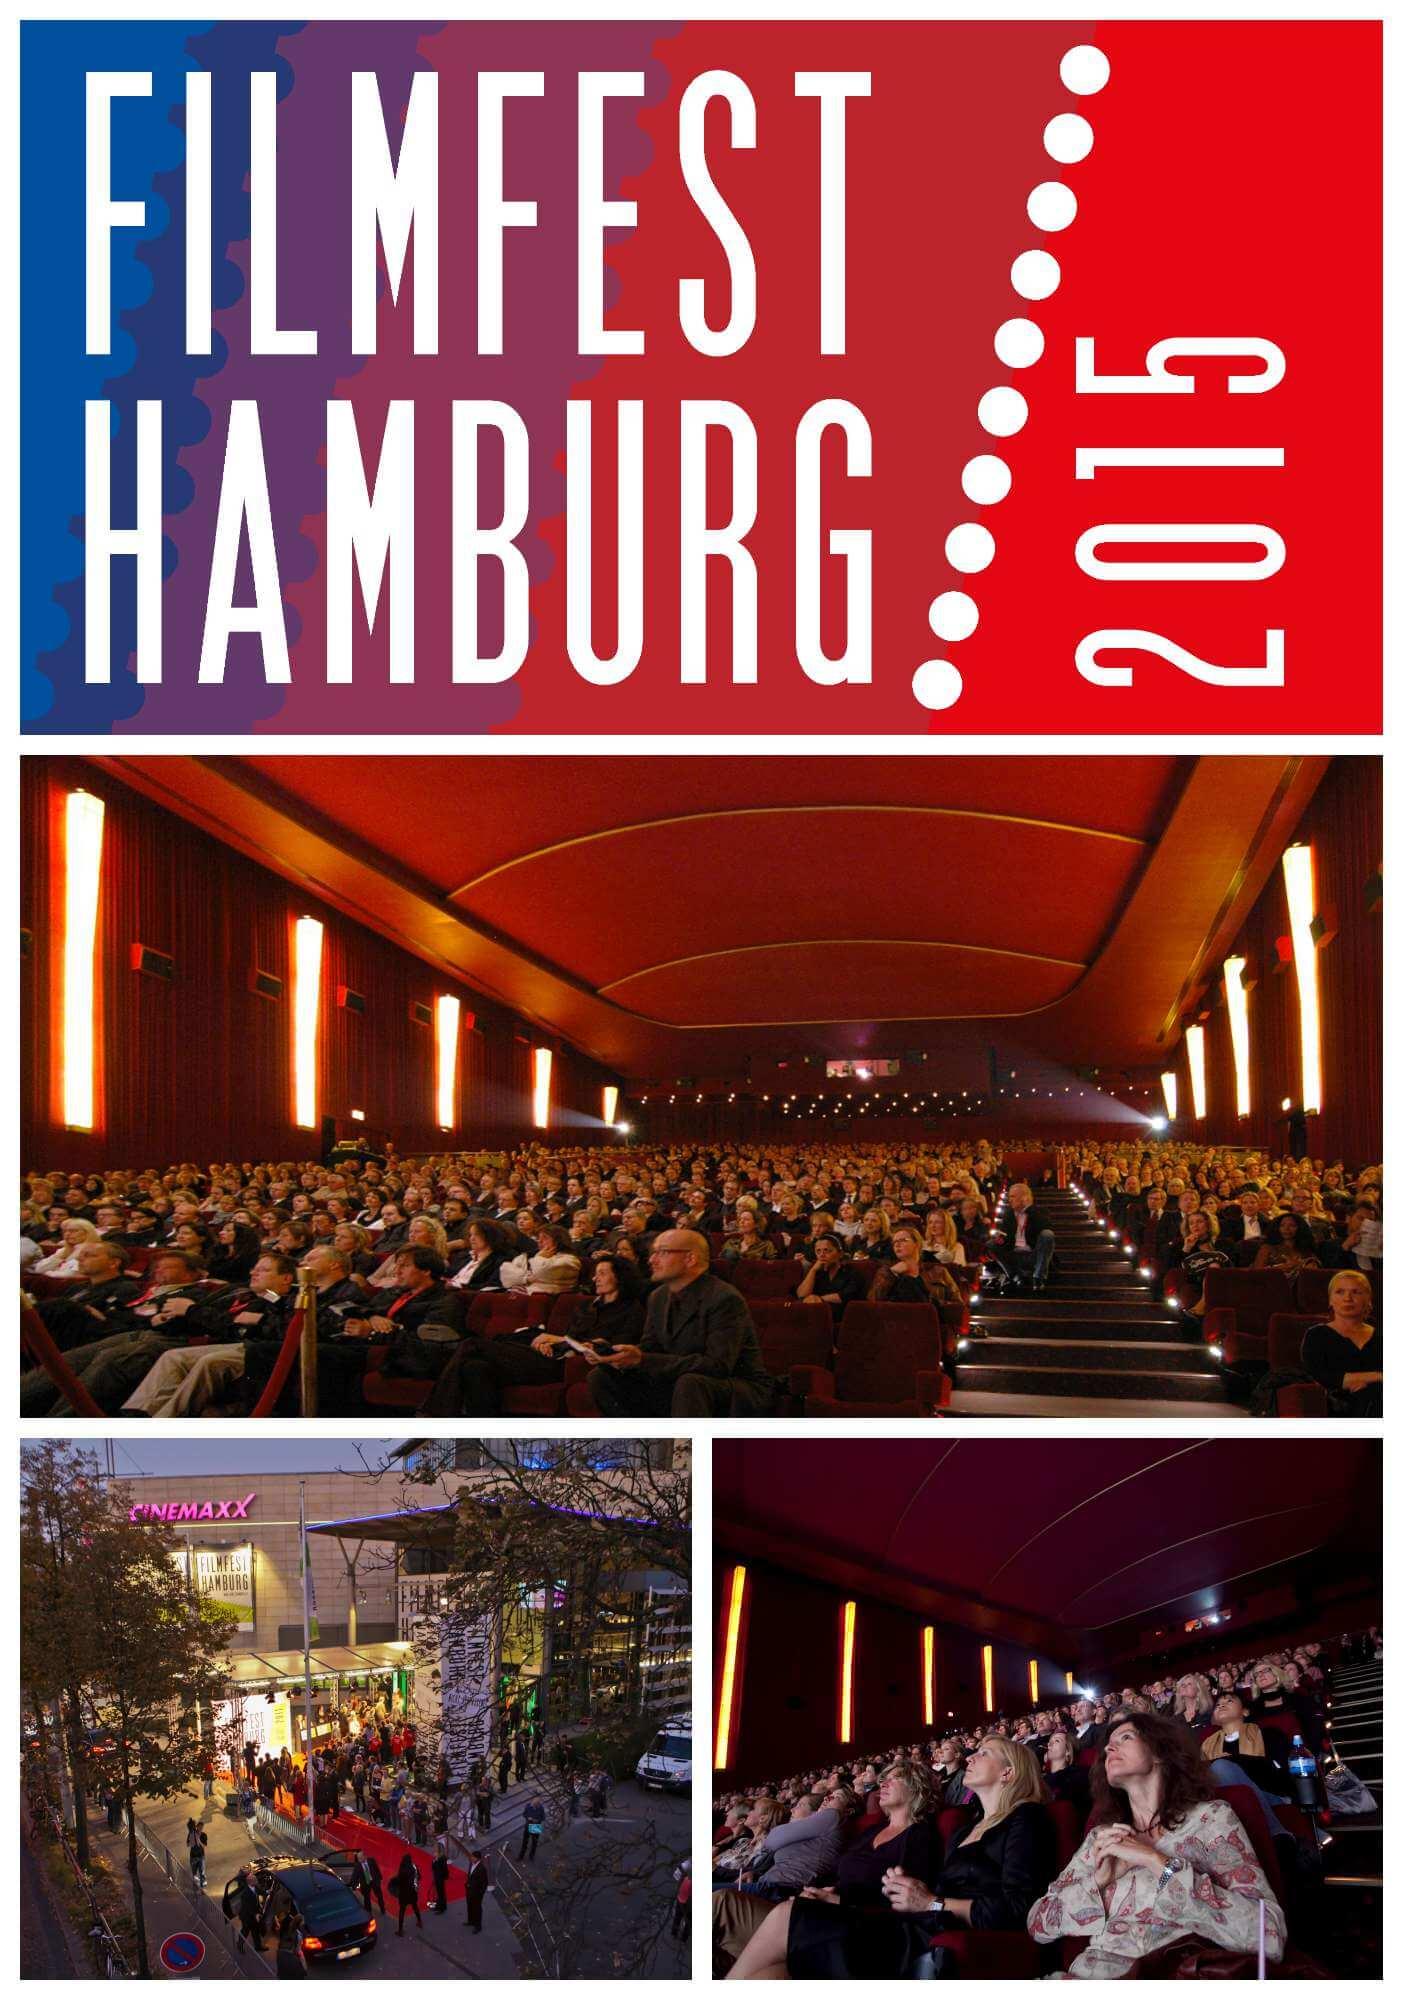 Heute startet das Filmfest Hamburg! In den nächsten zehn Tagen habt ihr die Möglichkeit die Produktionen junger deutscher und internationaler Filmemacher und die Filme großer Regisseure in verschiedenen Hamburger Kinos zu bestaunen. Das diesjährige Programm hat definitiv auch wieder einige Schmuckstücke zu bieten. Wir freuen uns darauf euch bis zum 10. Oktober jeden Tag ein Highlight zu präsentieren :)